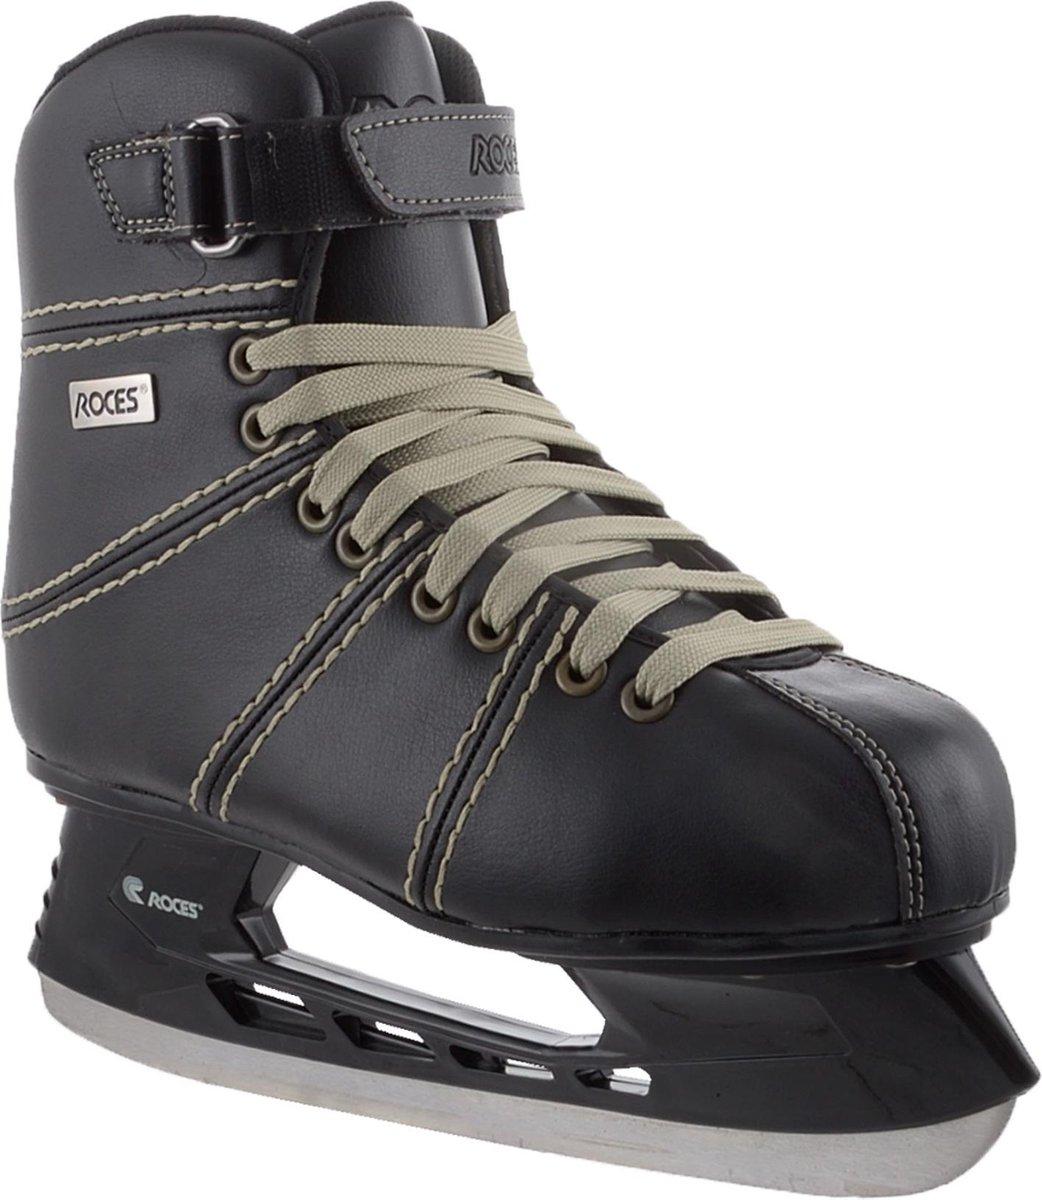 Roces Retro IJshockeyschaats Sr - 40 - Zwart